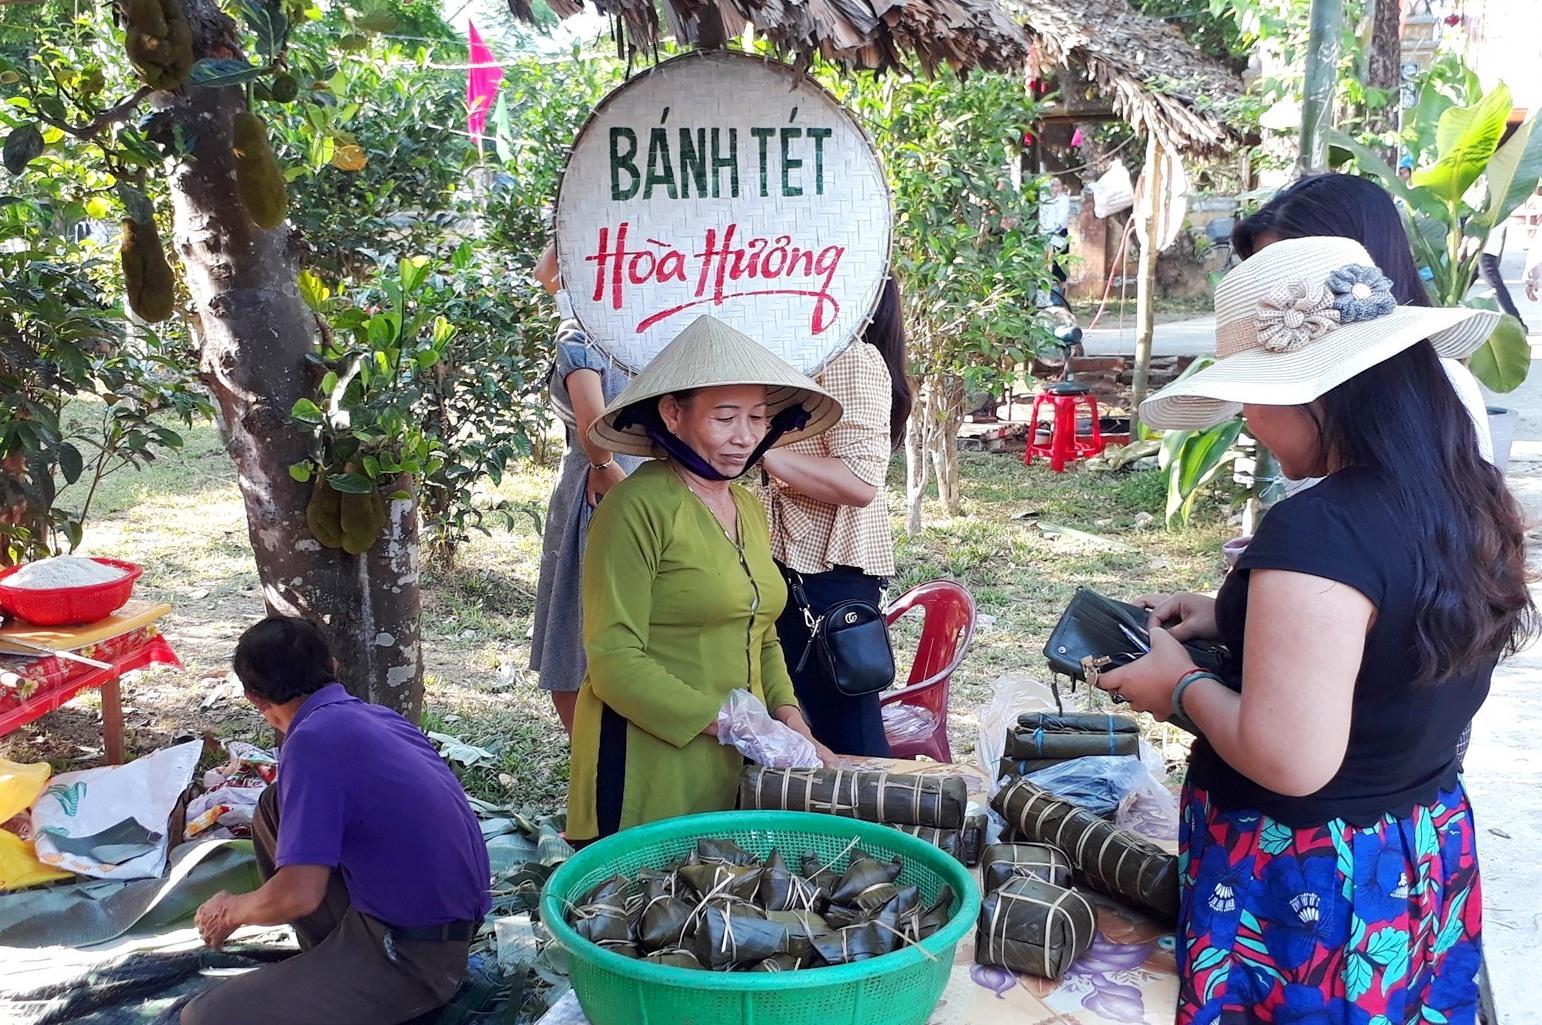 Lễ hội hoa sưa trở thành sản phẩm du lịch đặc trưng của phường Hòa Hương nói riêng, Tam Kỳ nói chung. Ảnh: X.P